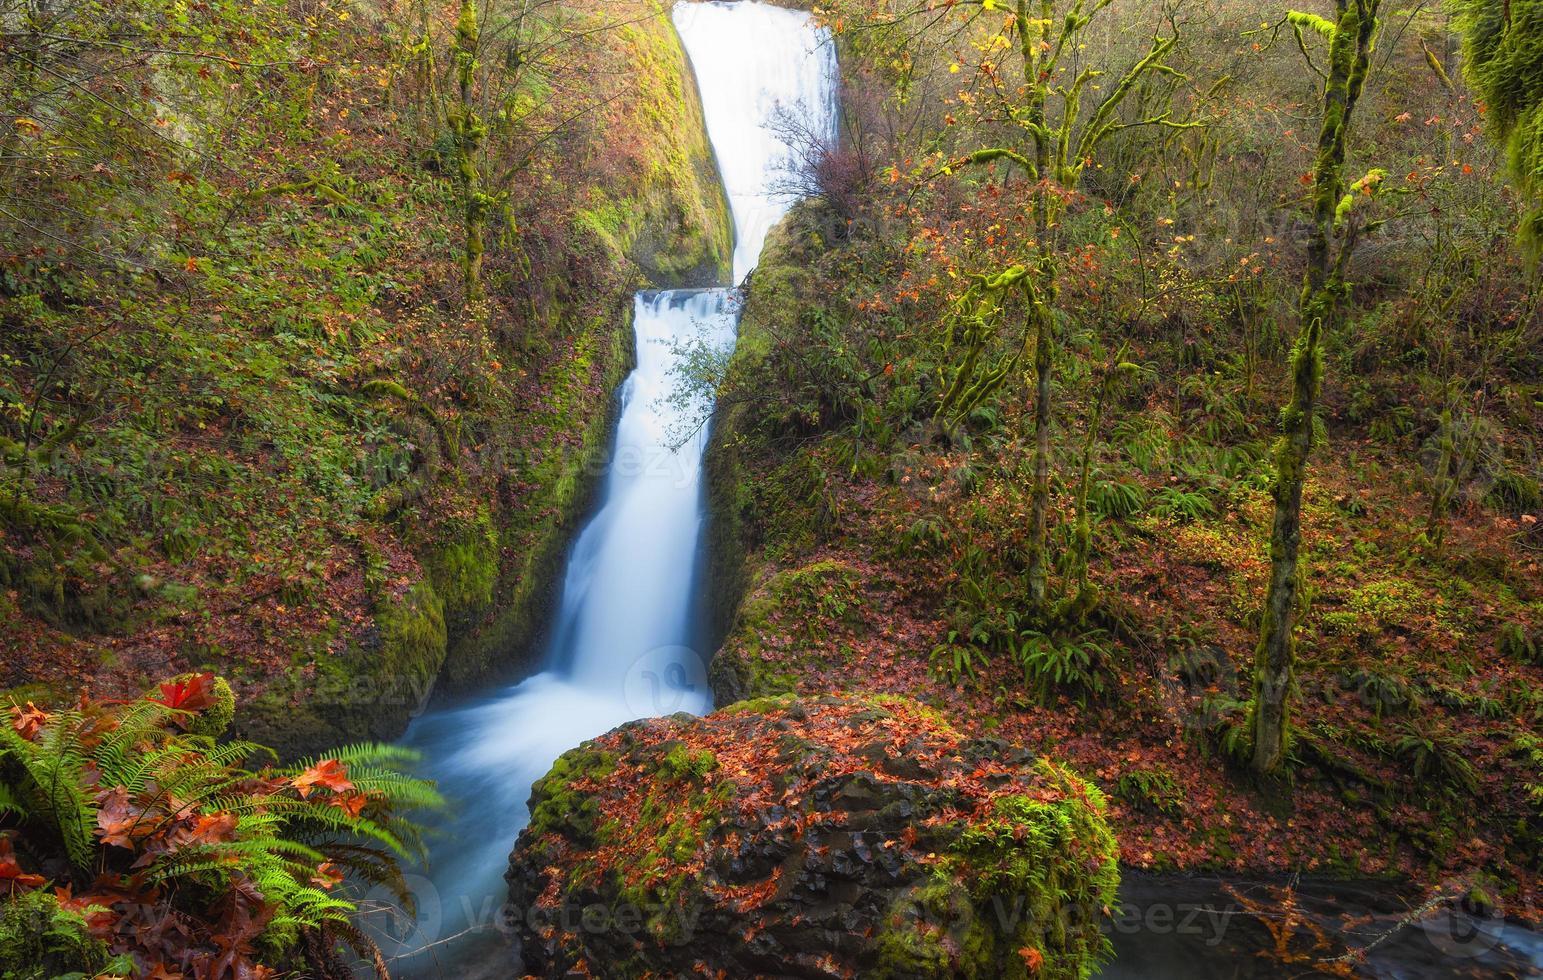 L'automne à Bridal Veil Falls Columbia River Gorge photo